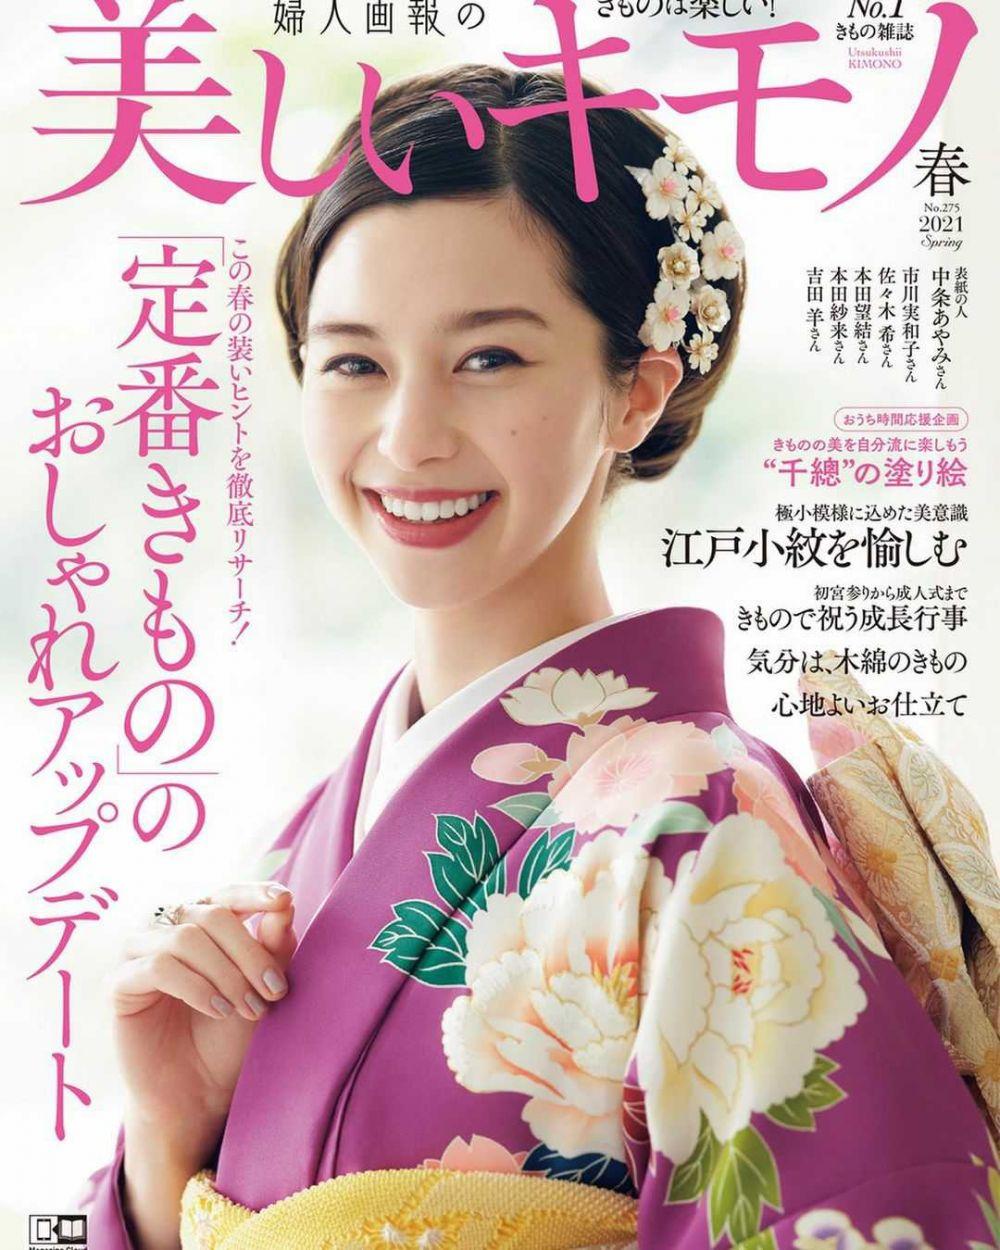 Berperan jadi Dokter, 10 Pesona Ayami Nakajo saat Berkimono